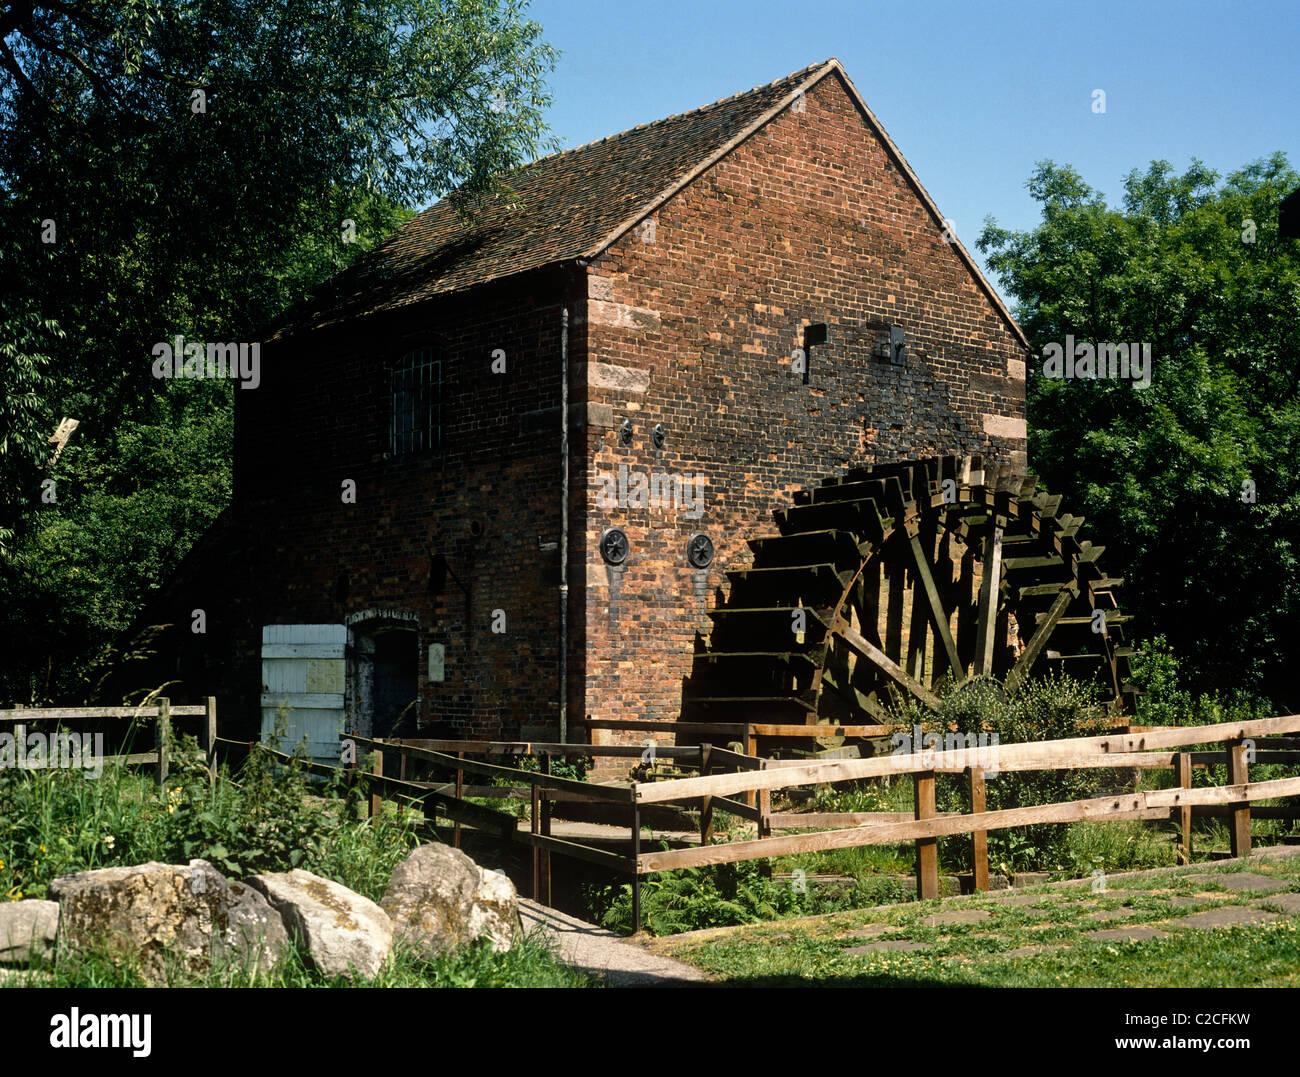 Cheddleton Staffordshire England - Stock Image